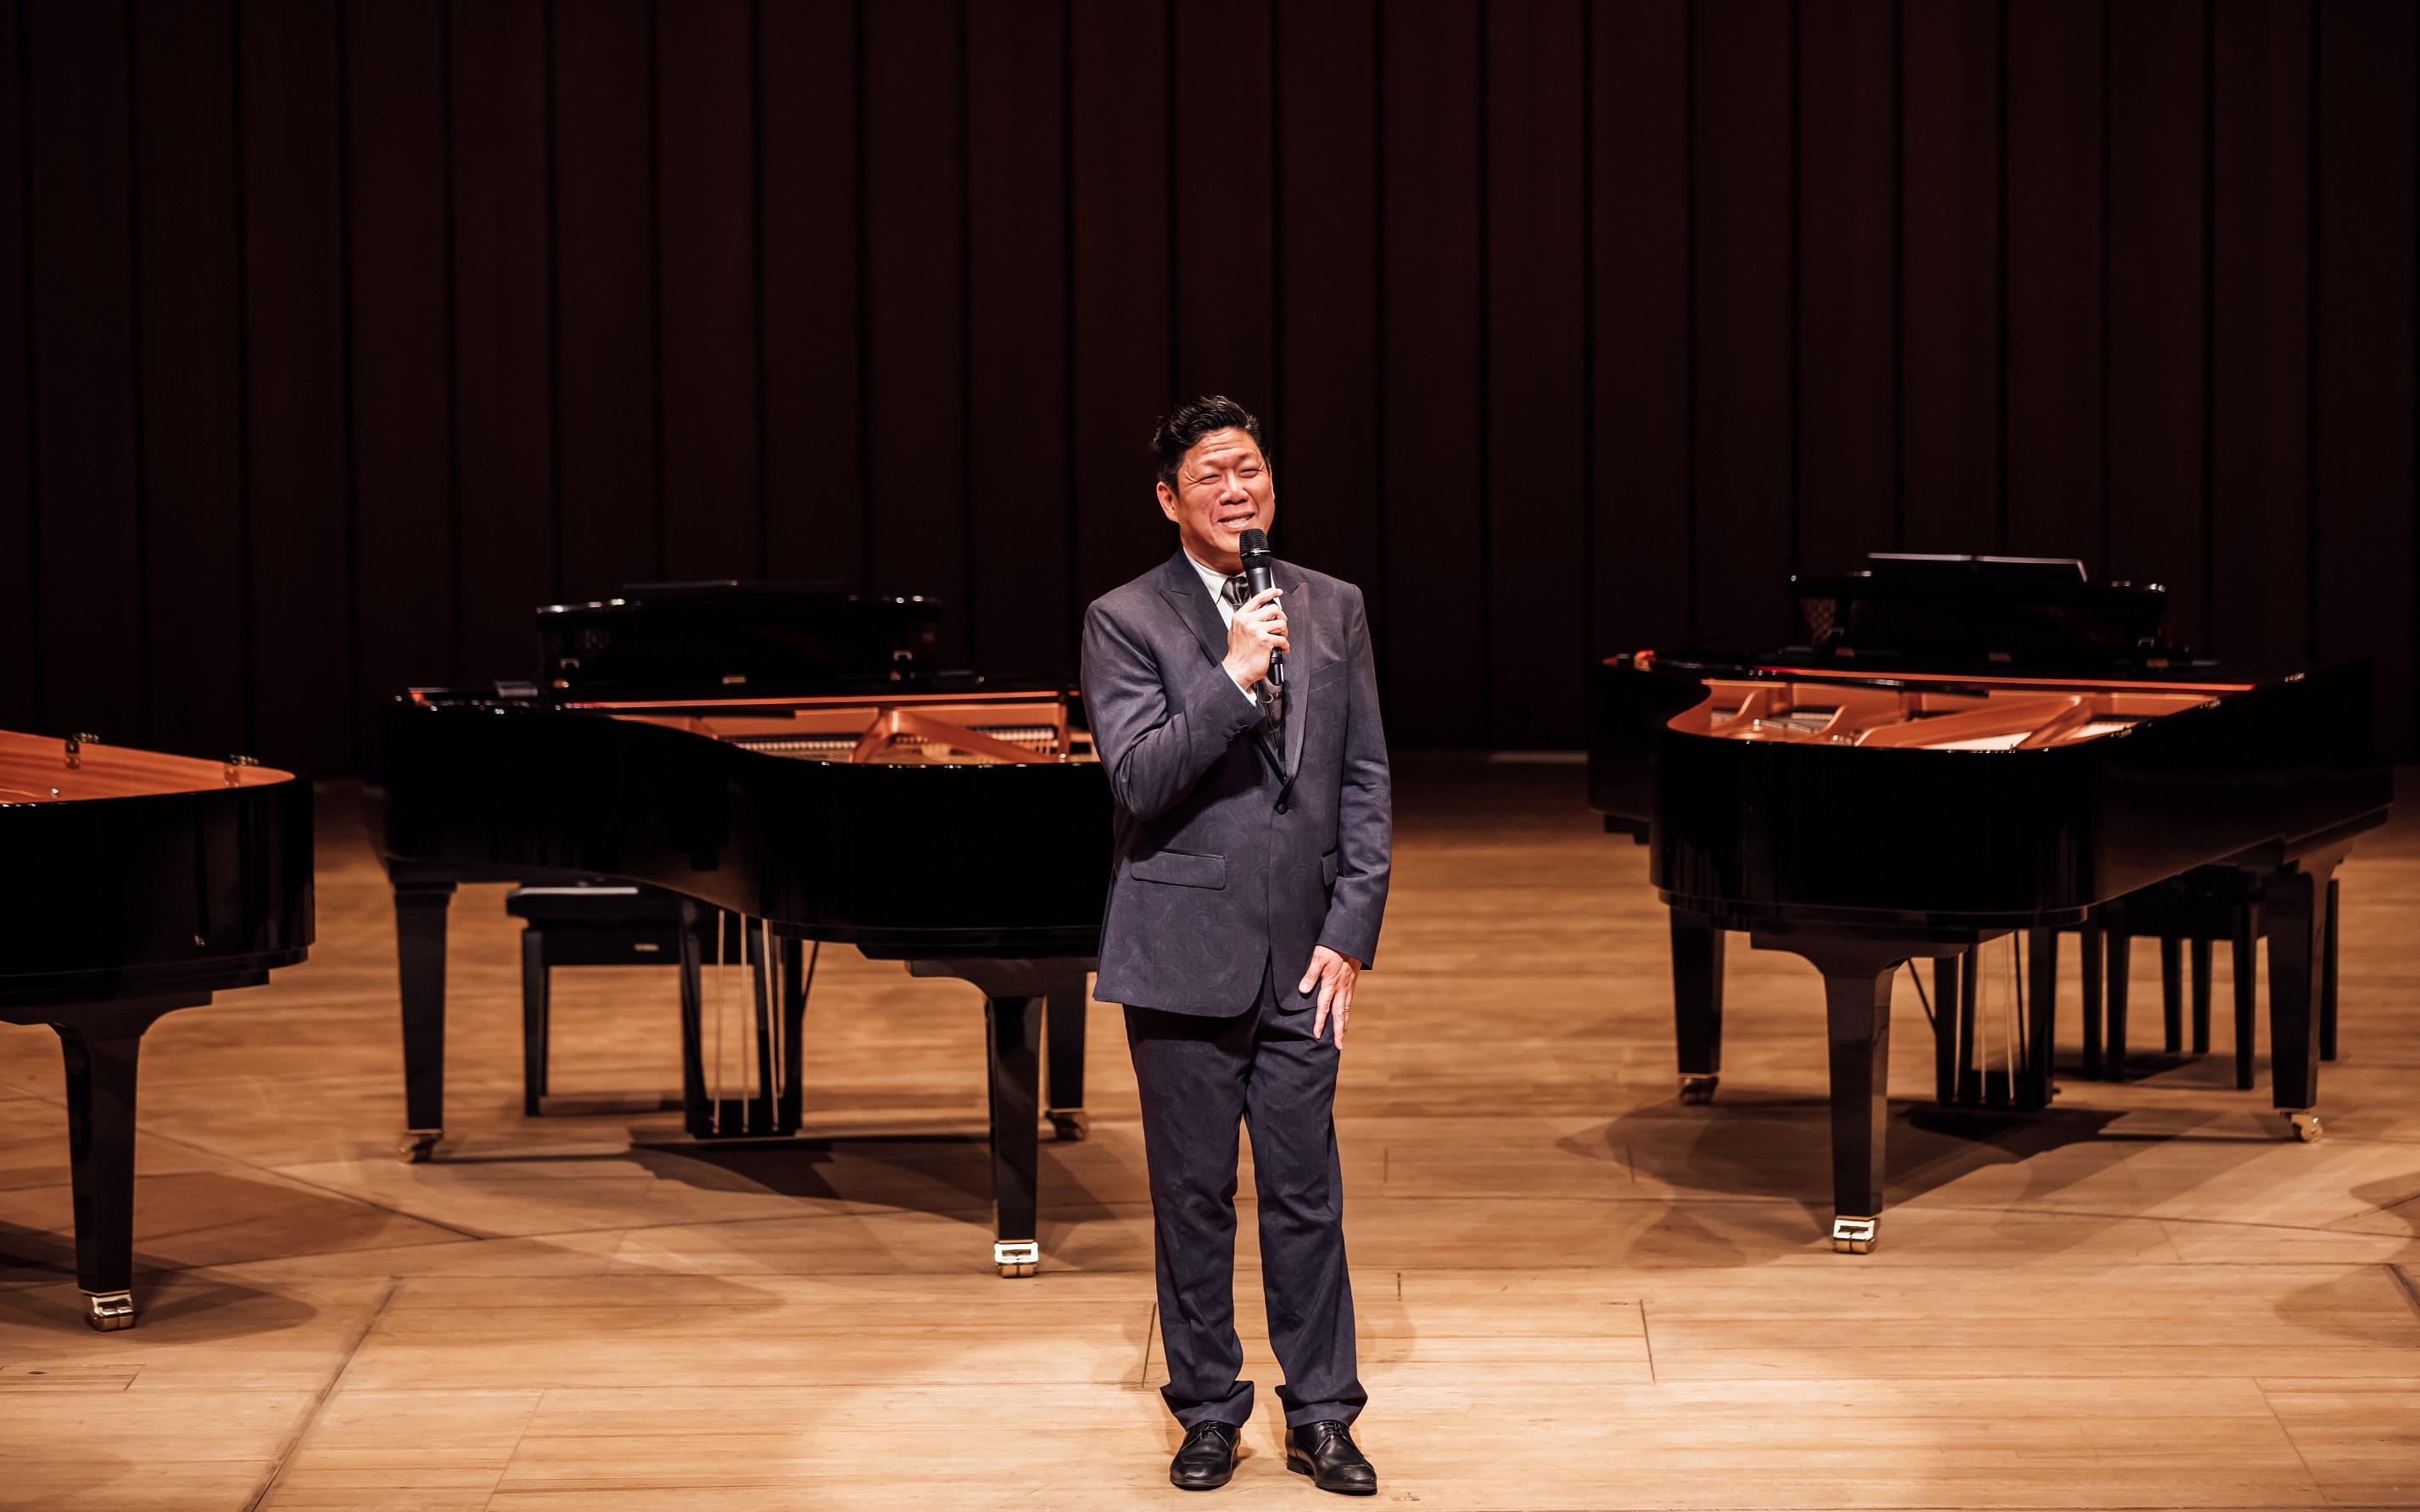 照片:鋼琴家劉孟捷